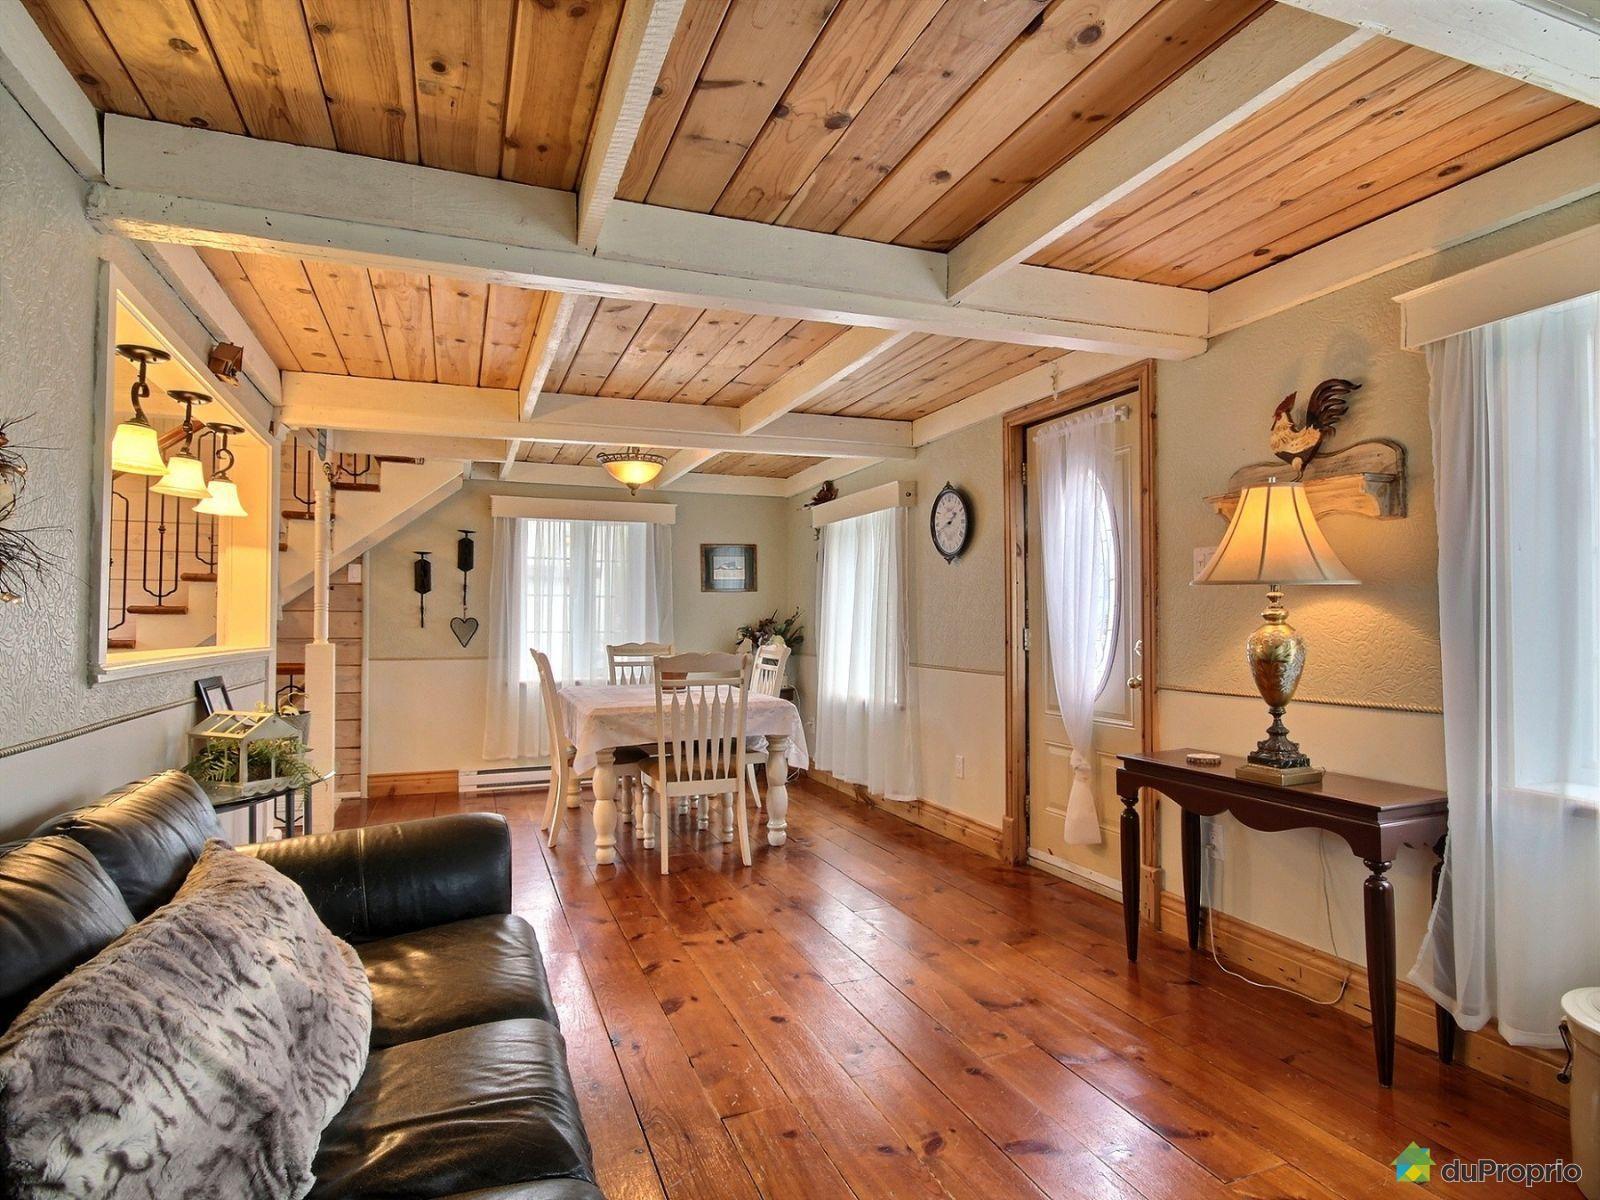 Maison ancestrale de 1855 au coeur de Chambly, rénovations majeures au cours des années, dont l ...